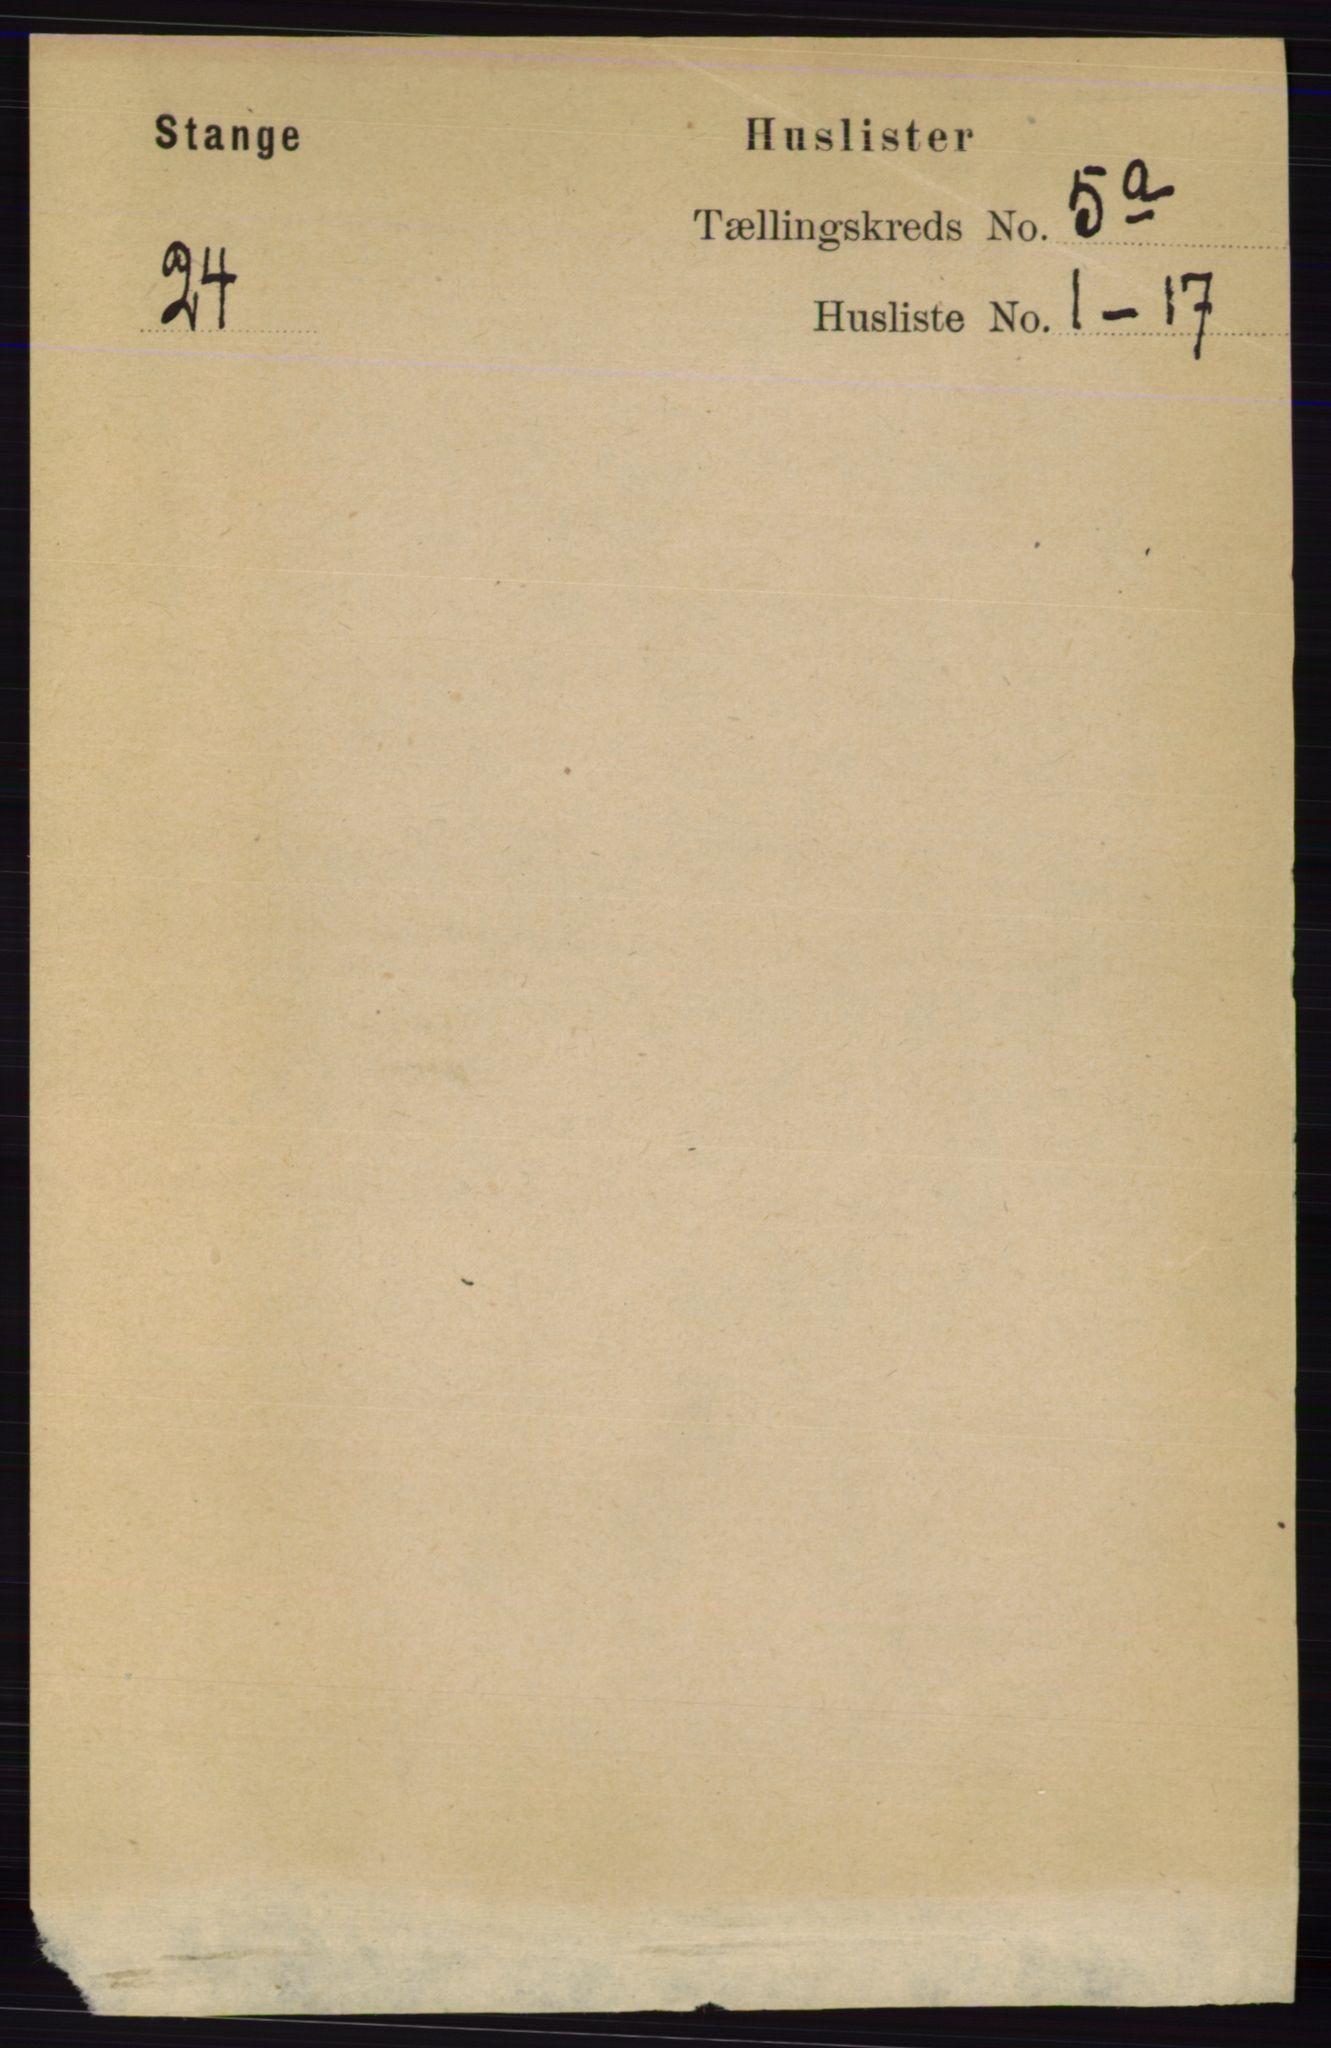 RA, Folketelling 1891 for 0417 Stange herred, 1891, s. 3742